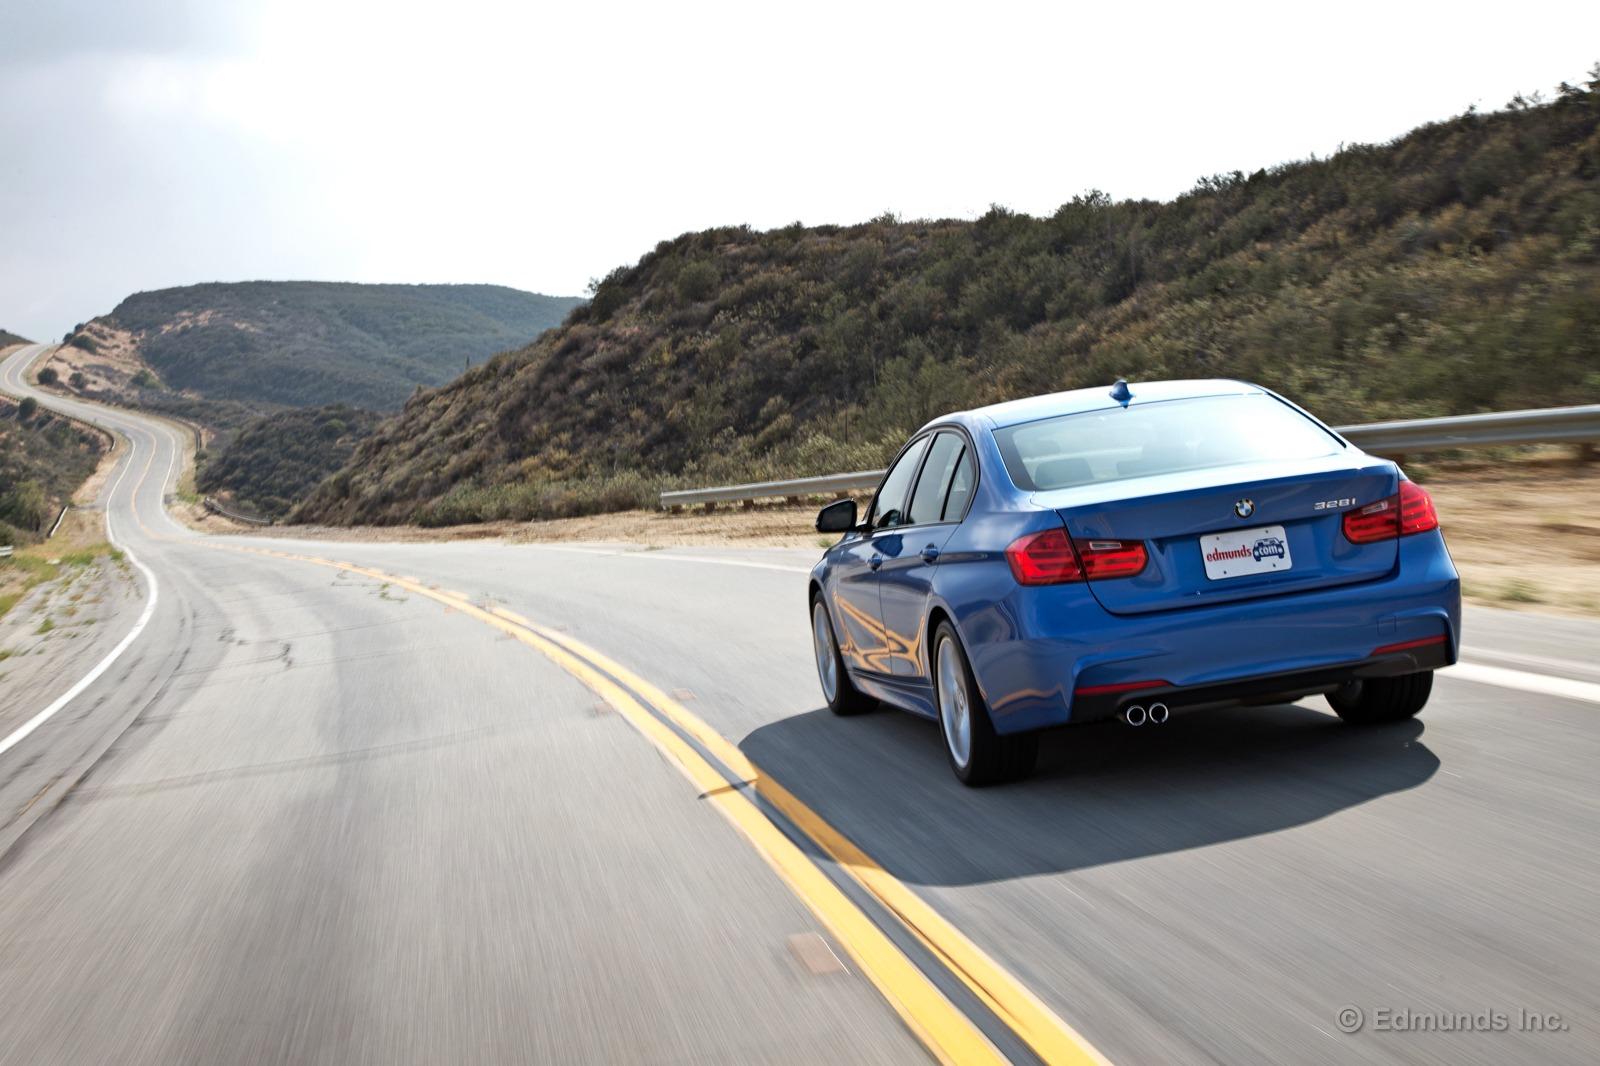 BMW 328i vs Cadillac ATS 2.0 vs 2014 Lexus IS 250 ...